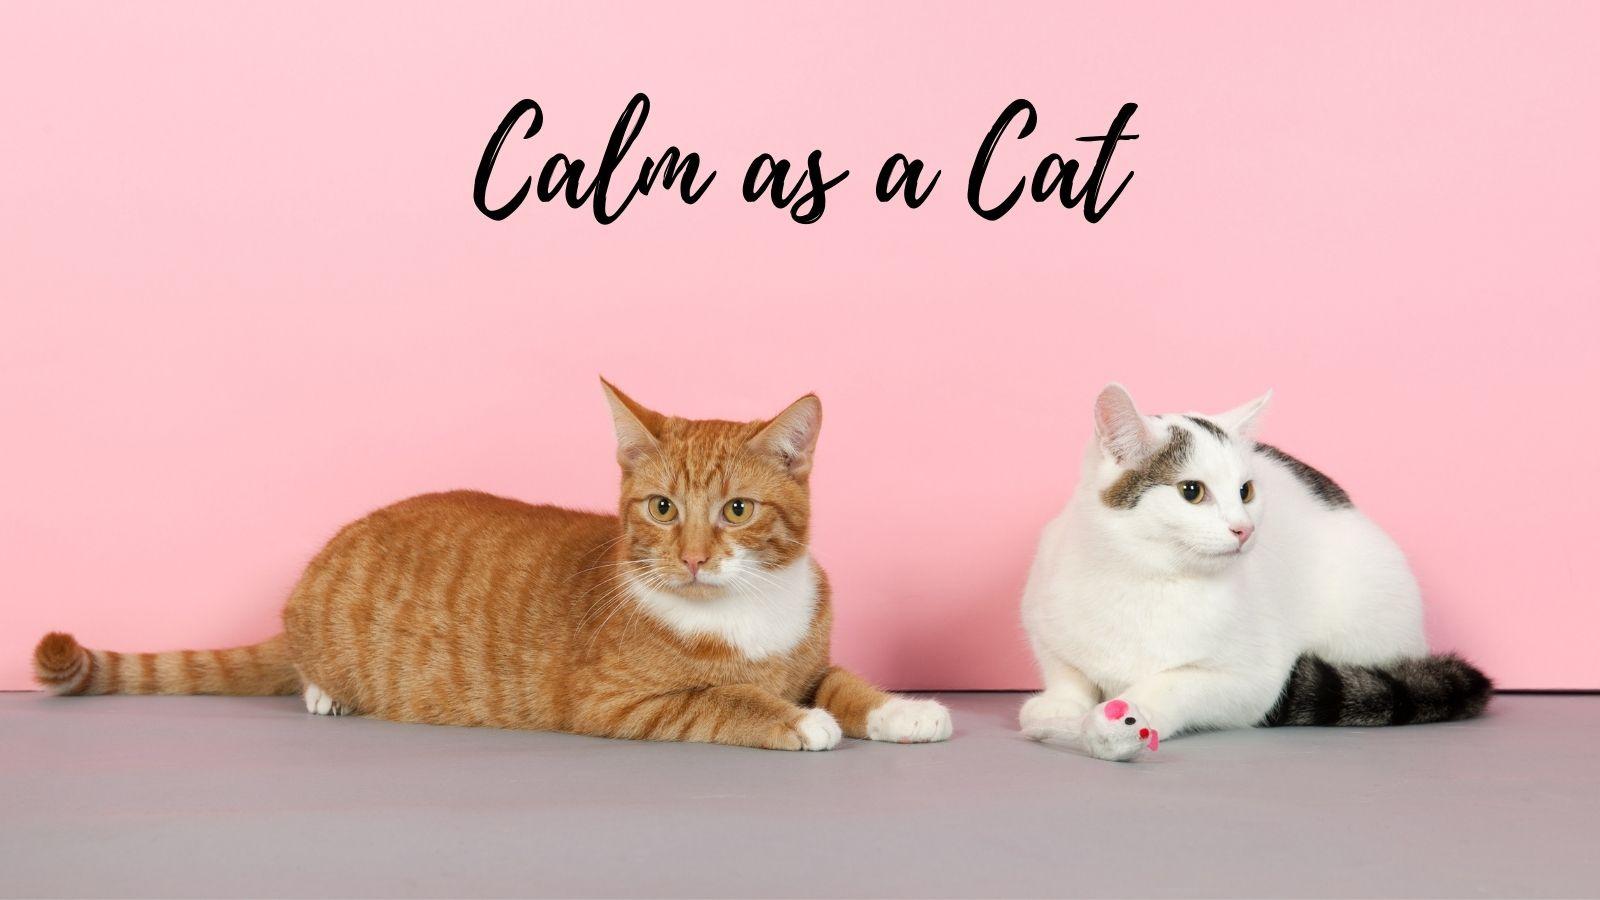 calm as a cat